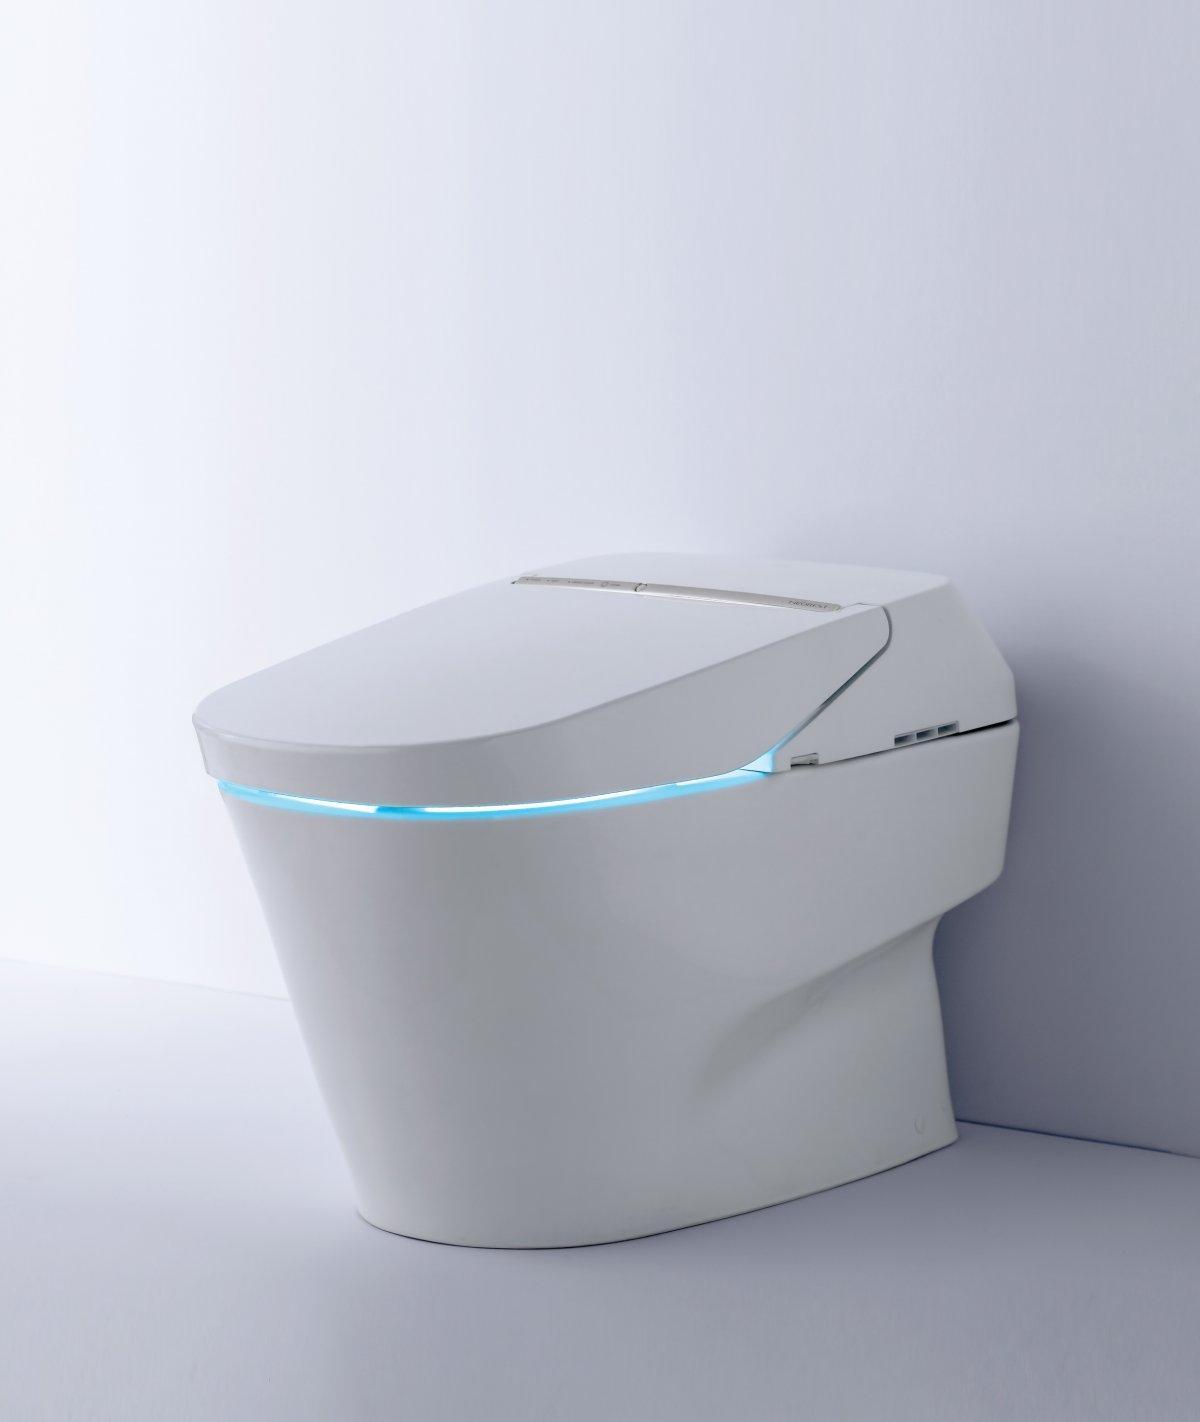 Toilet Design O Vaso Sanit 225 Rio Que S 243 Precisa Ser Limpo Uma Vez Por Ano